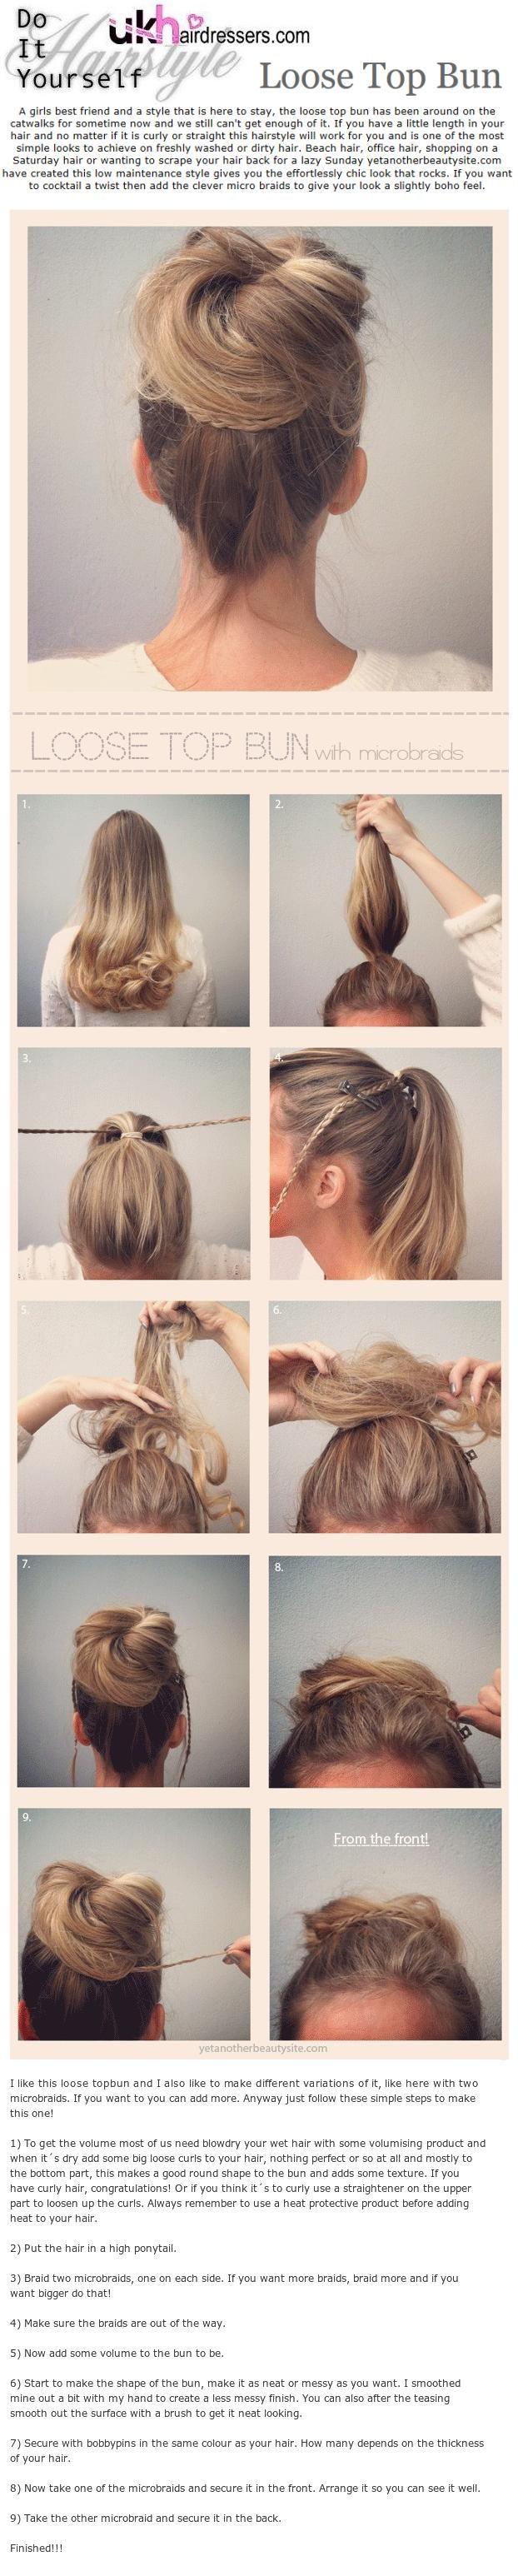 DIY Hairstyles Loose Top Bun... OMG just tried this DIY and it is so cute